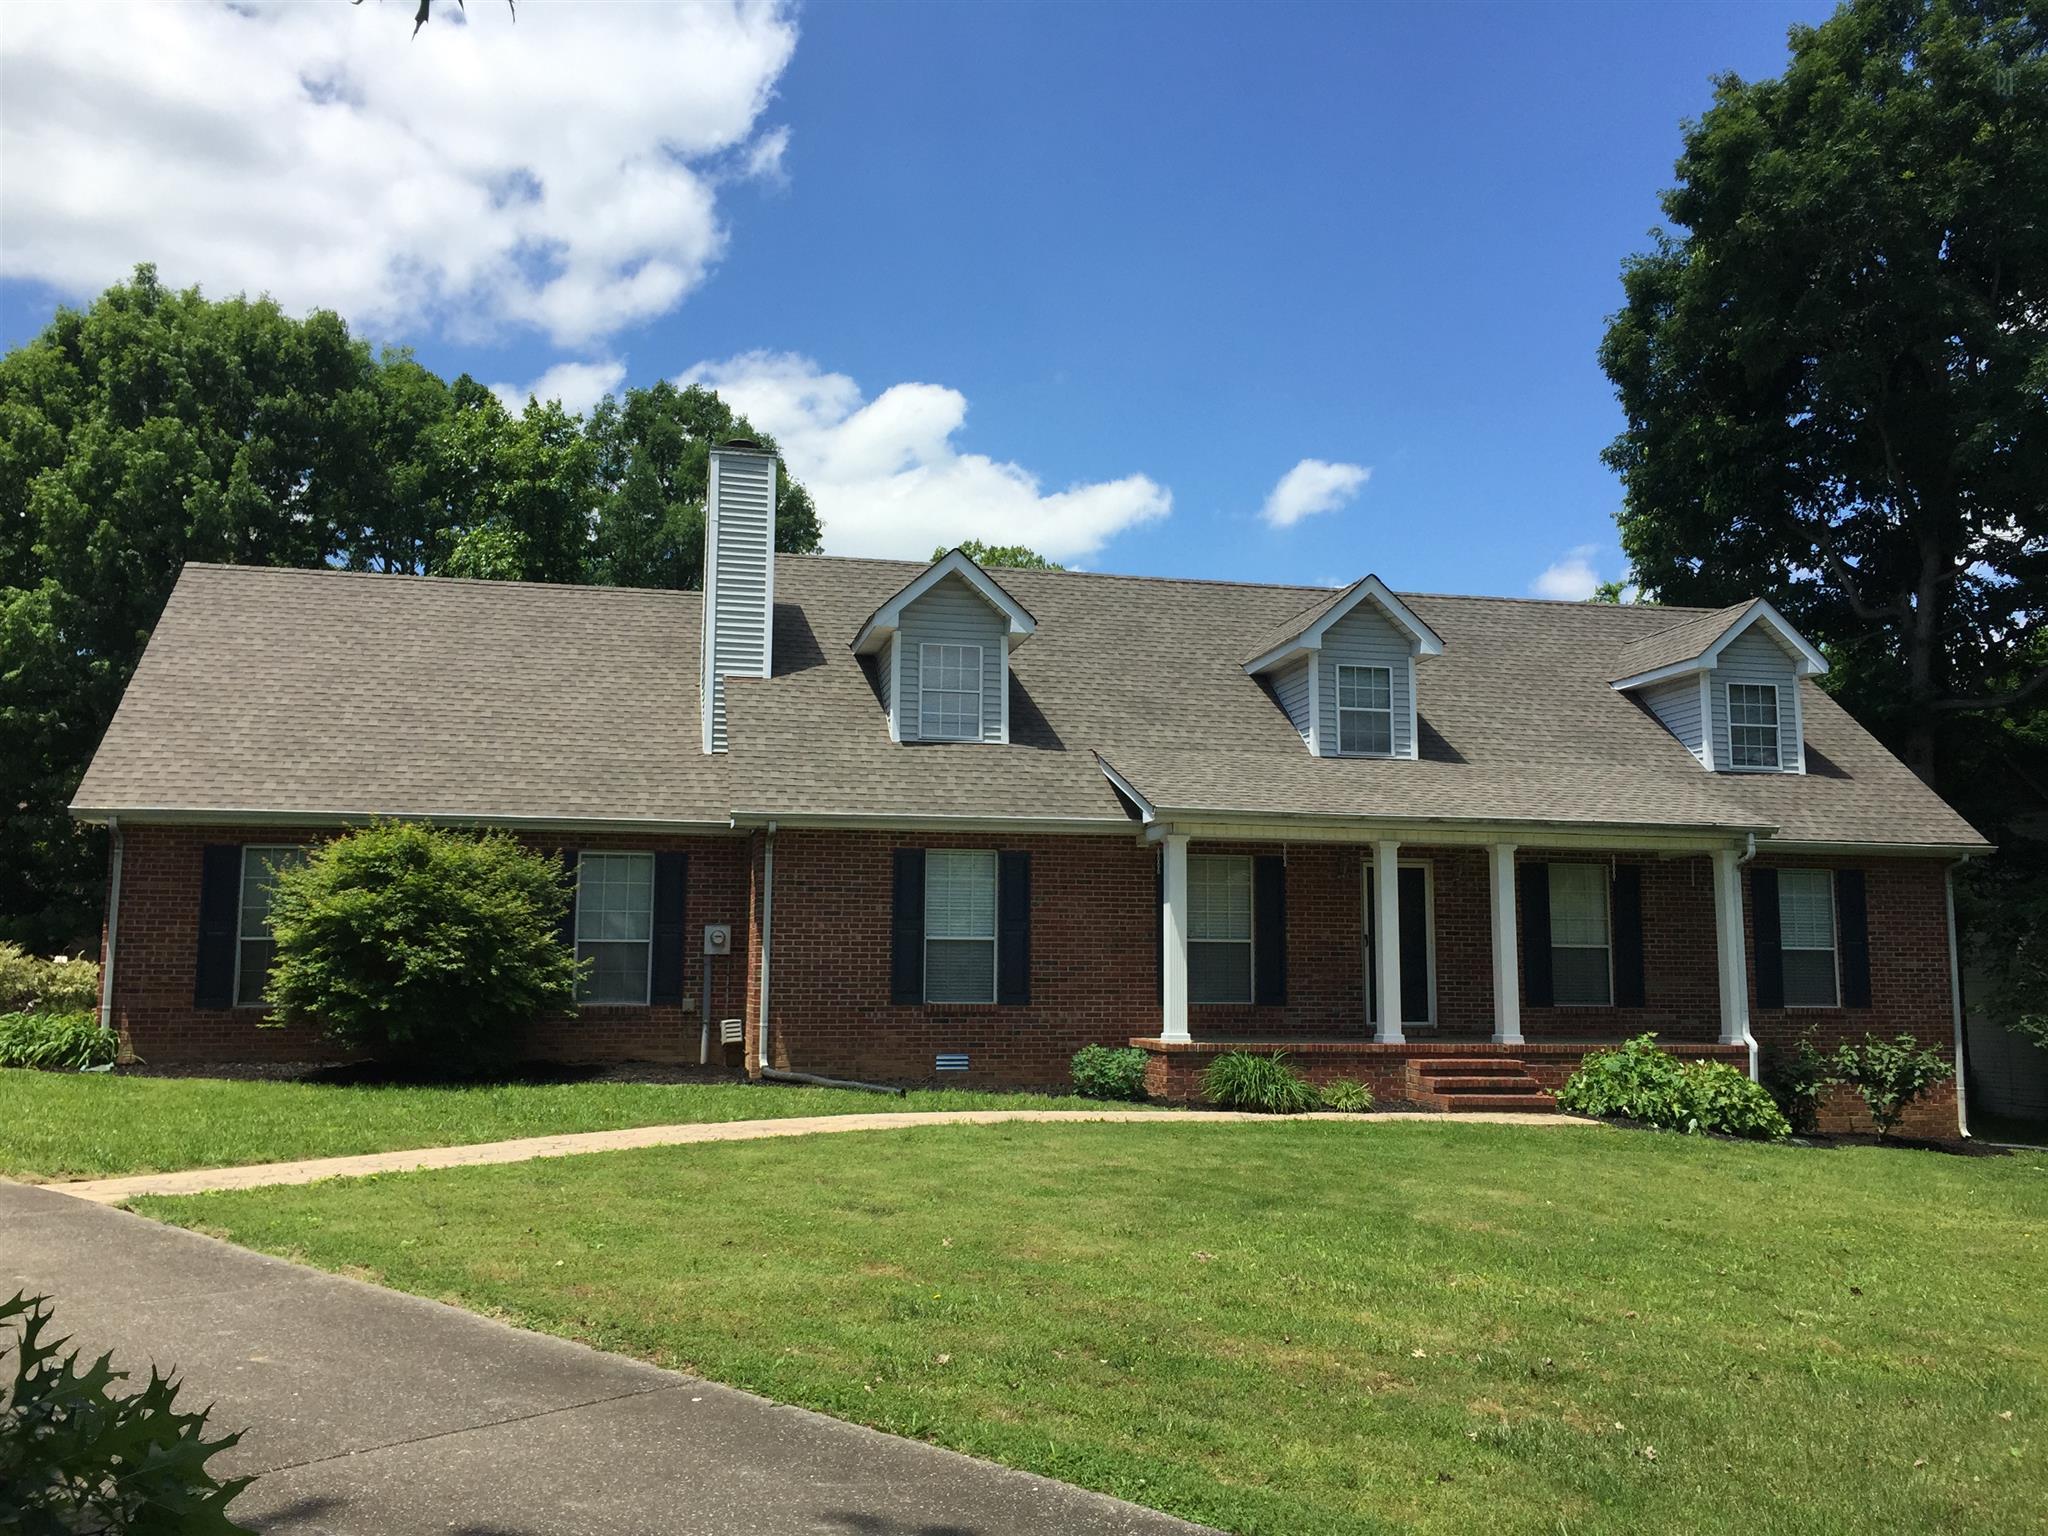 107 Lone Oak Dr, White House, TN 37188